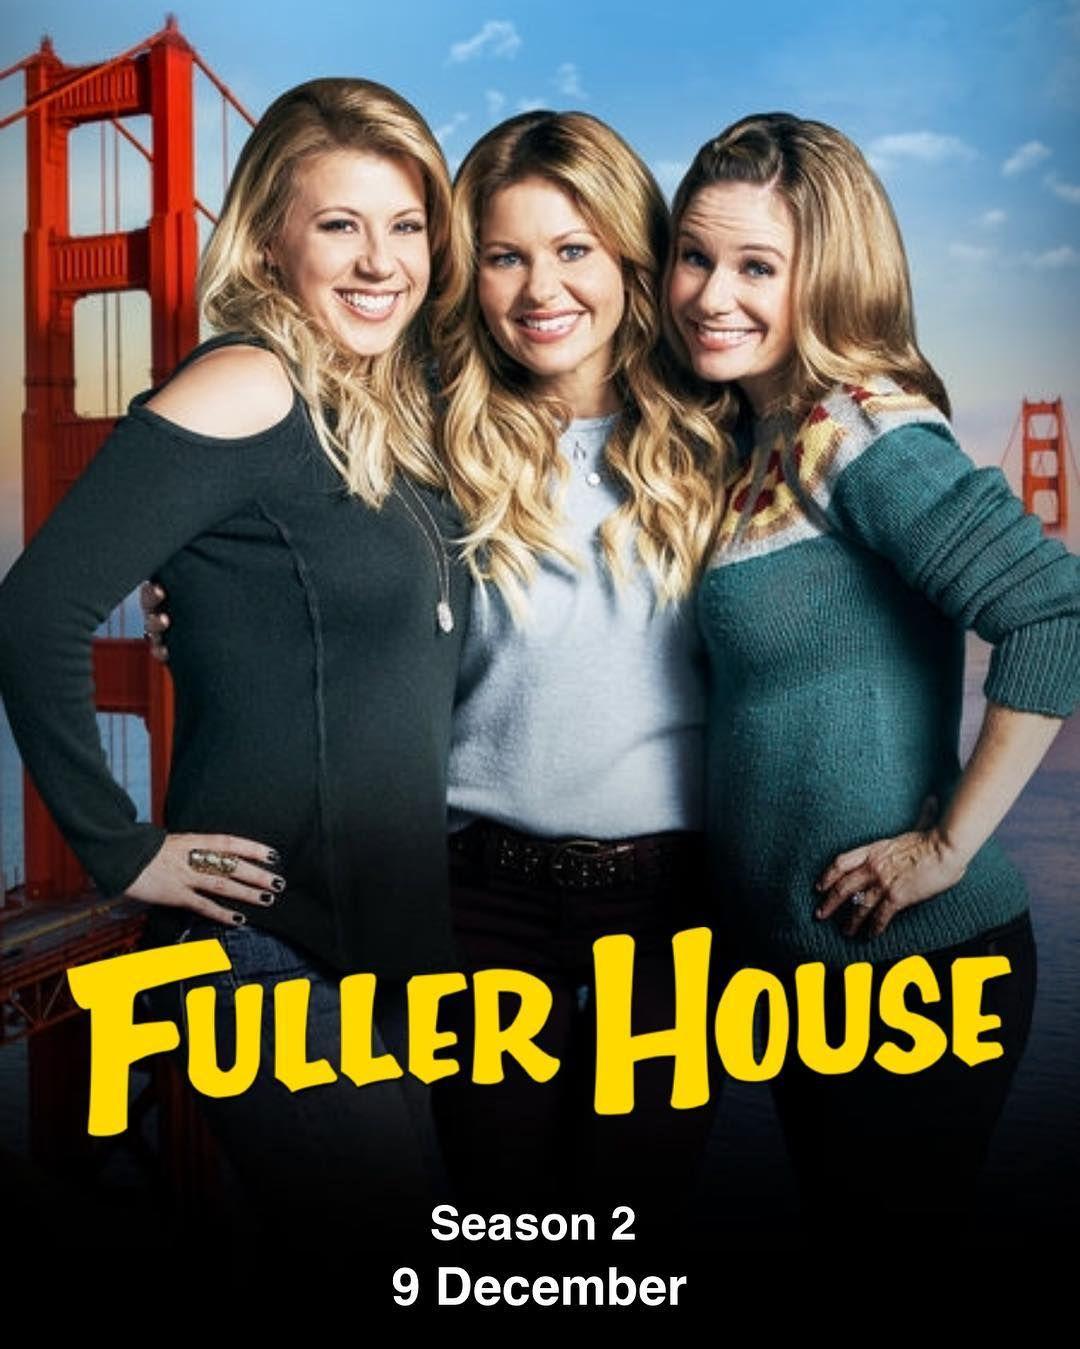 Fuller House Season 2 Fuller House Cast Fuller House Full House